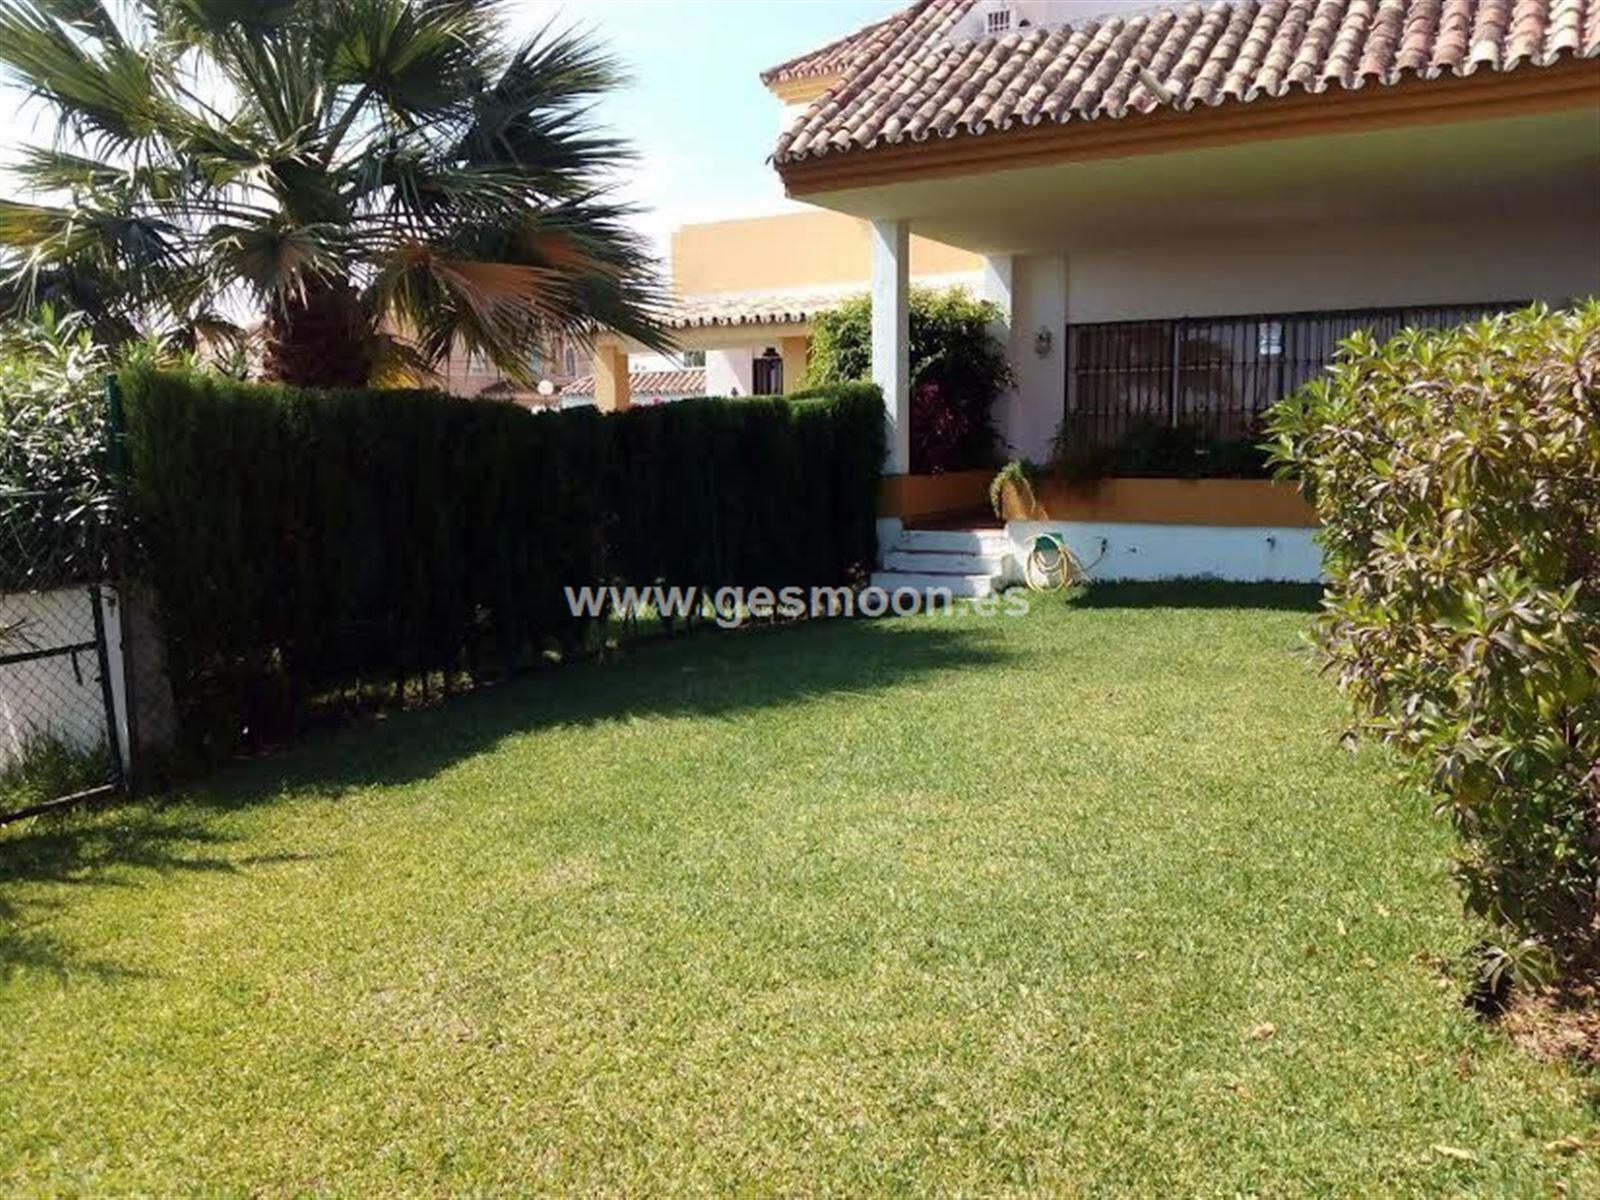 Magnifica Casa Adosada En Monte-Biarrtiz Golf (Estepona)